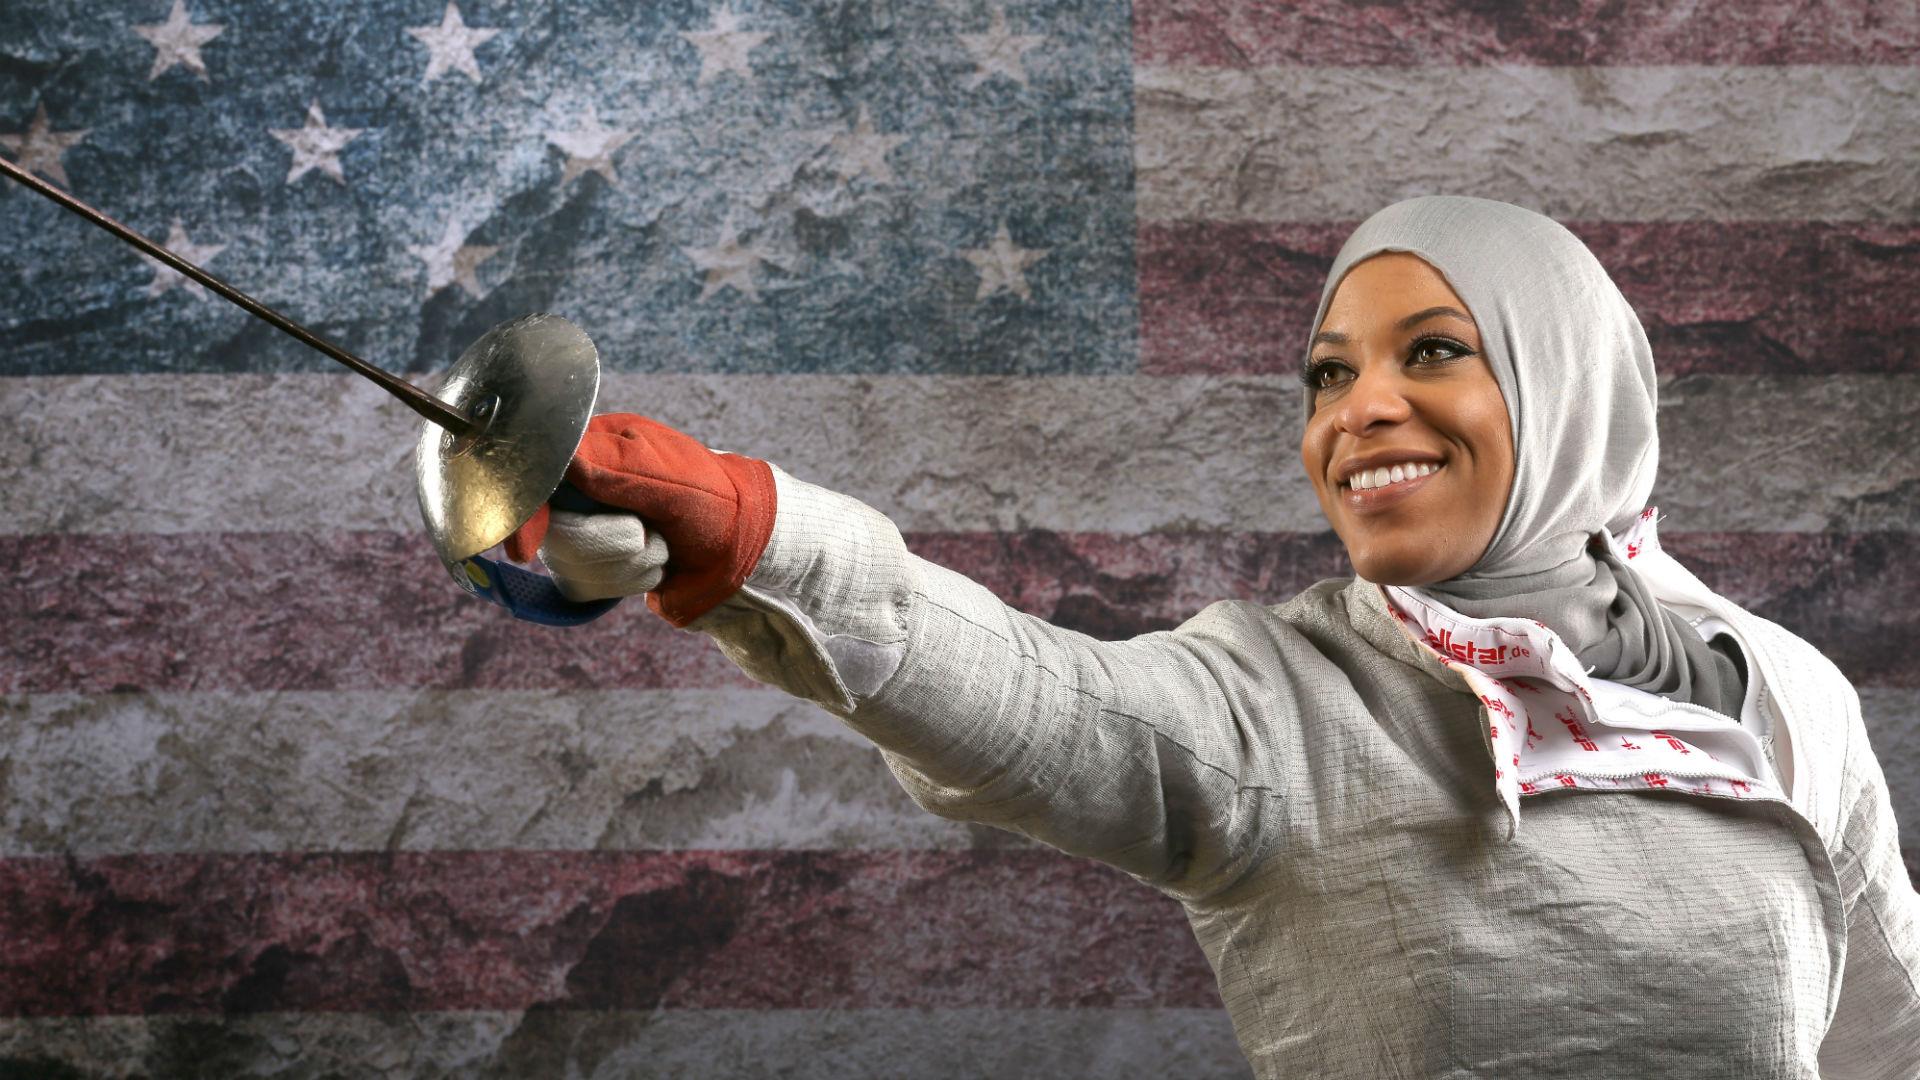 这位创造历史的女子击剑运动员,正在改变人们对于穆斯林女性的看法